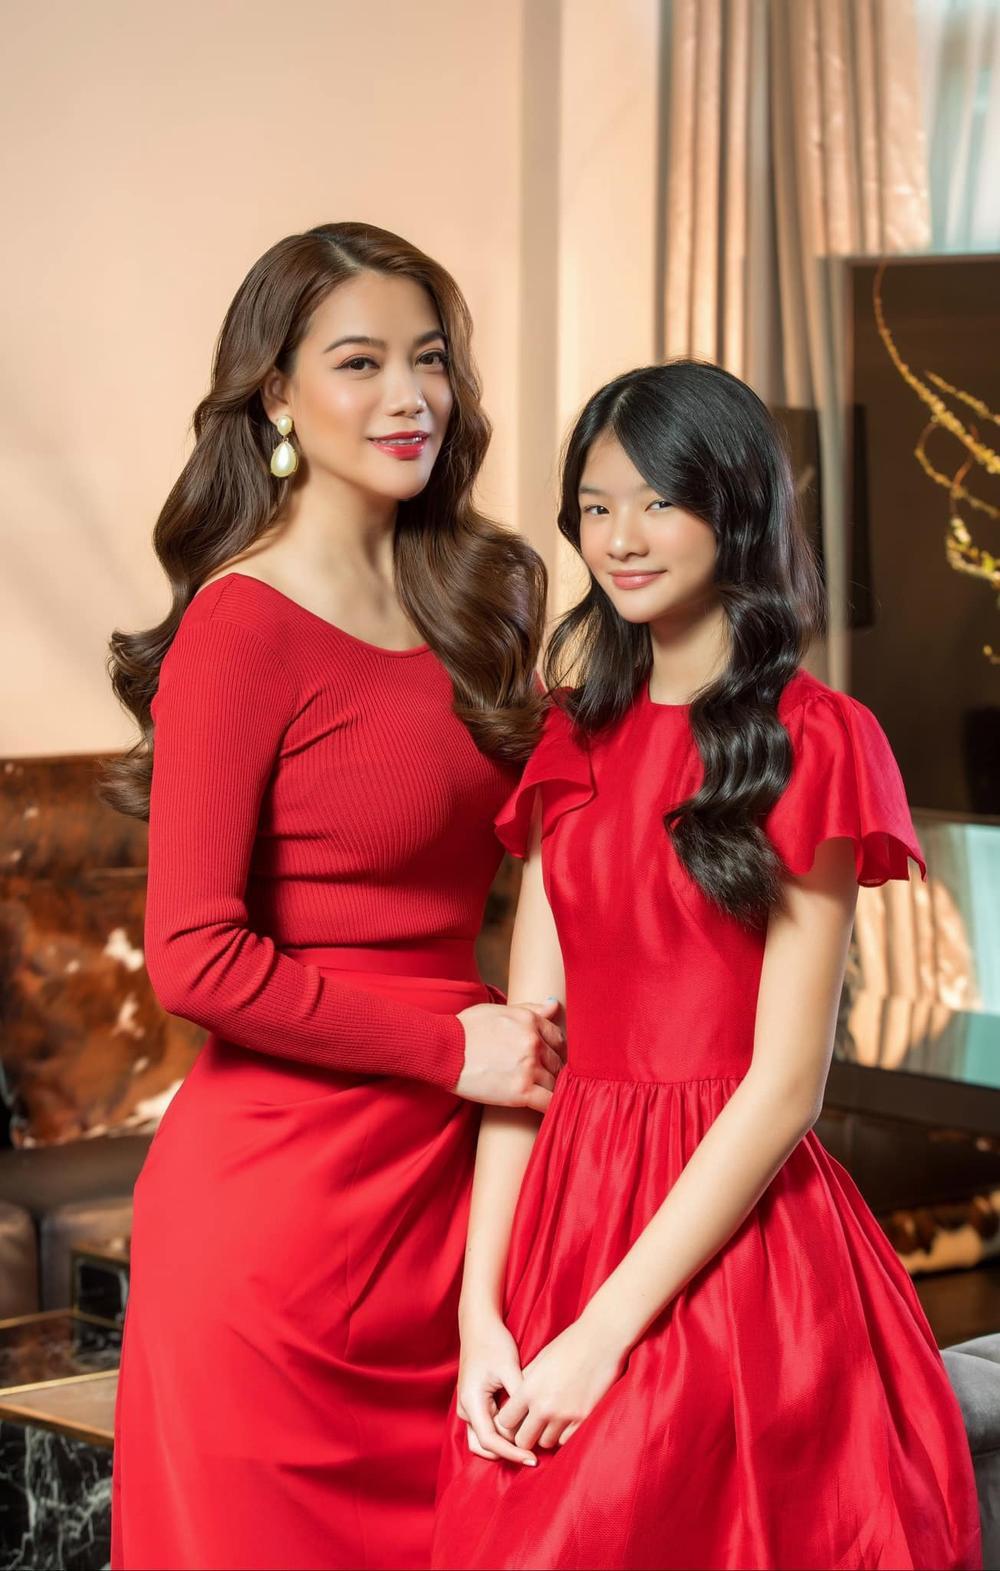 Sau bao lần bị chê tơi tả, Trương Ngọc Ánh xuất hiện gợi cảm, lên đồ đôi xinh đẹp cùng con gái Ảnh 9